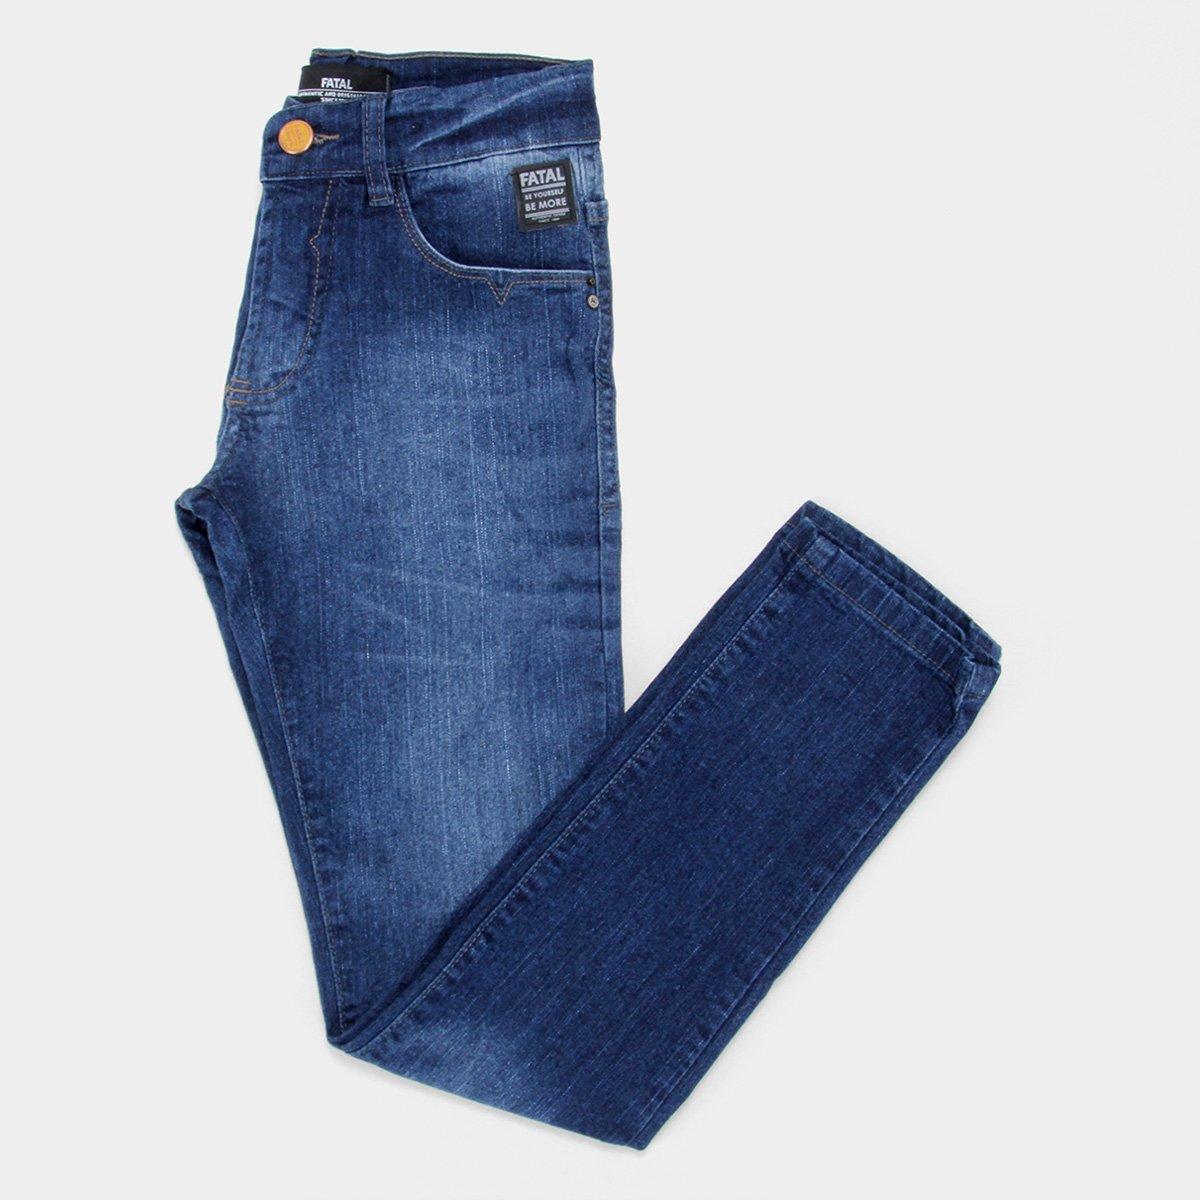 Calça Jeans Slim Juvenil Fatal Masculina